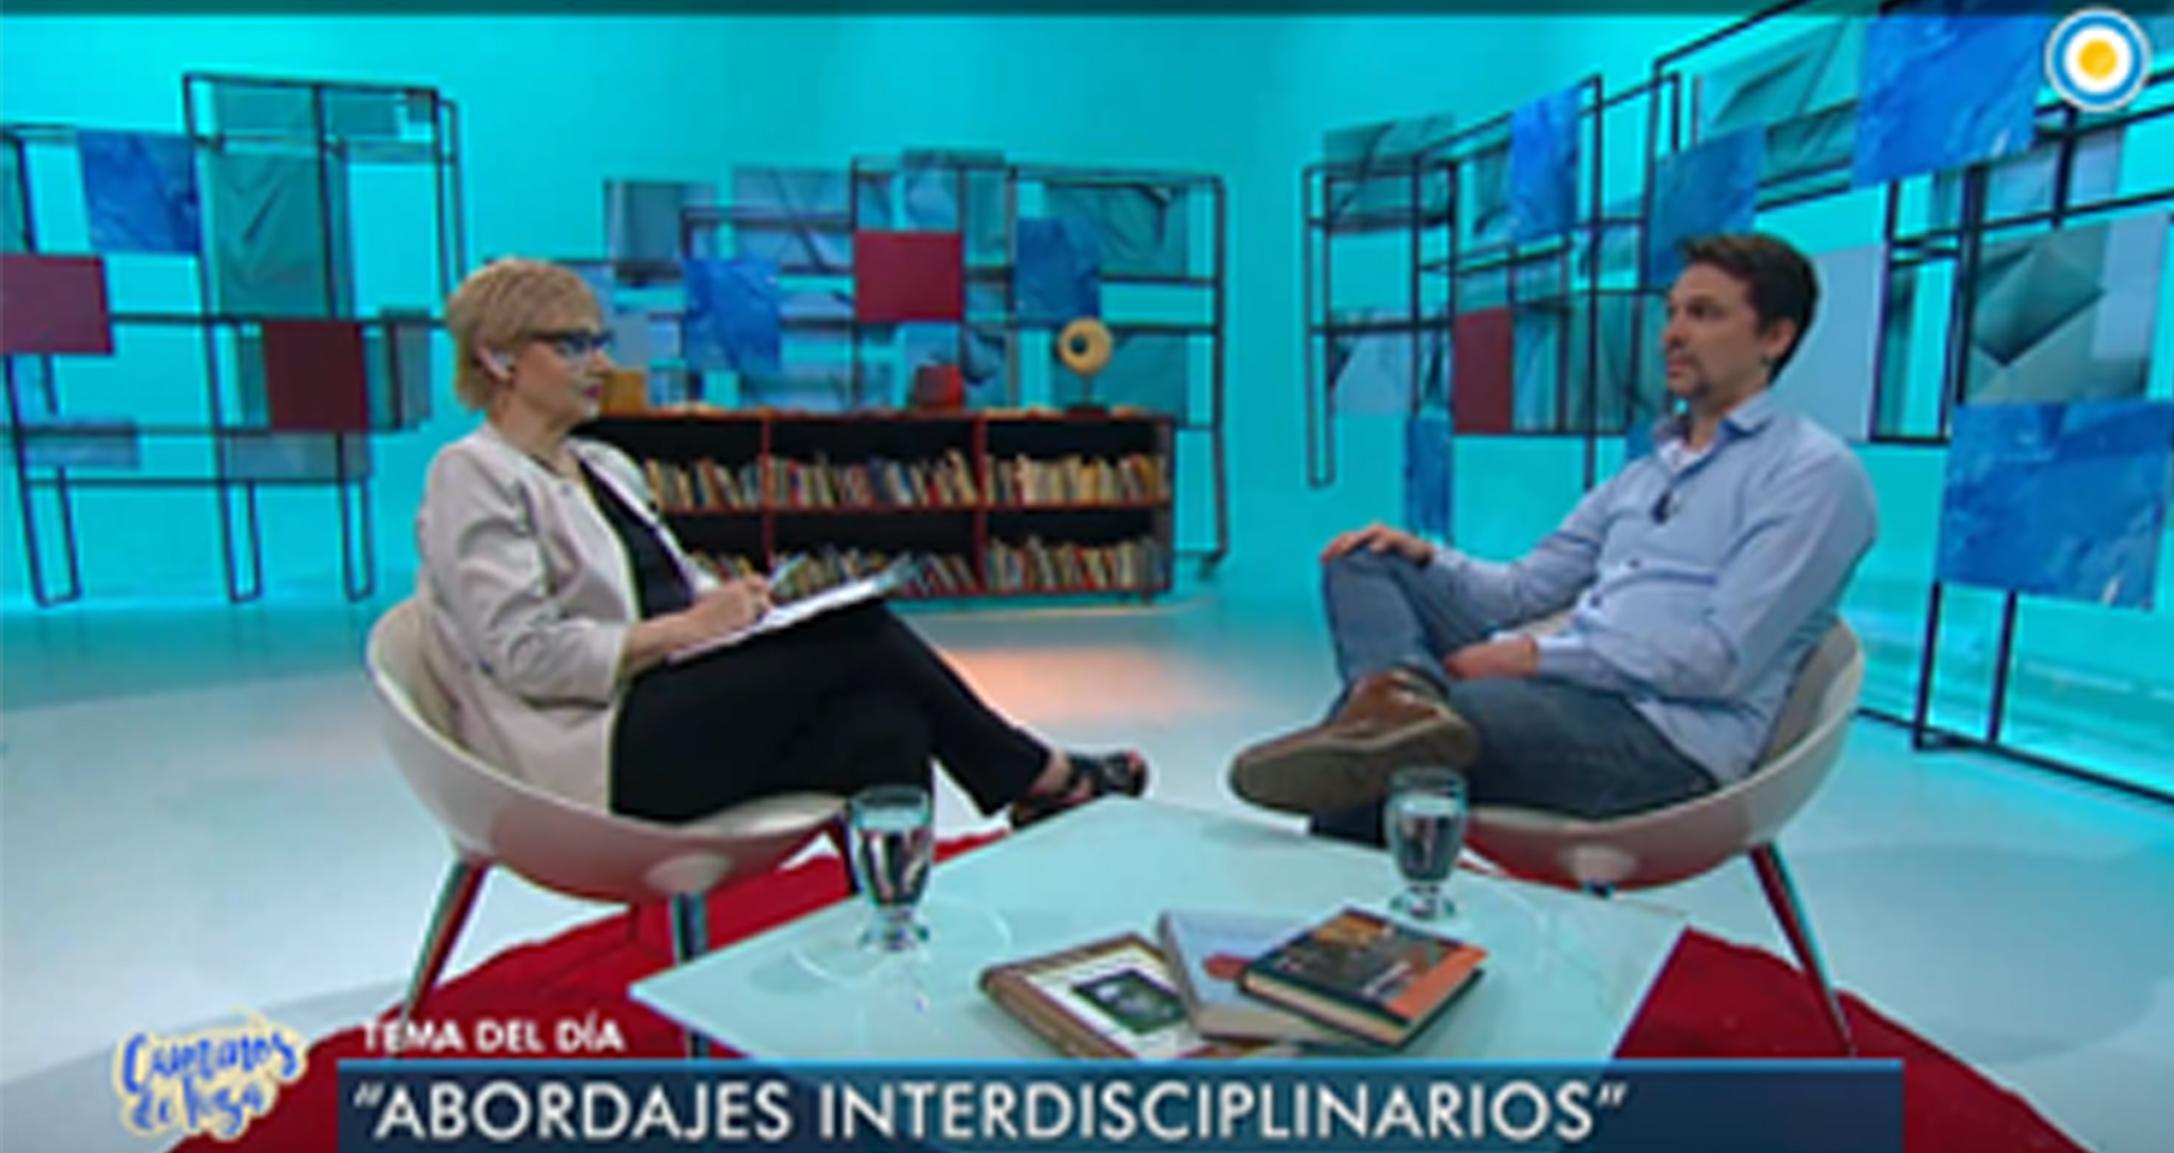 Æqualis en la TV pública